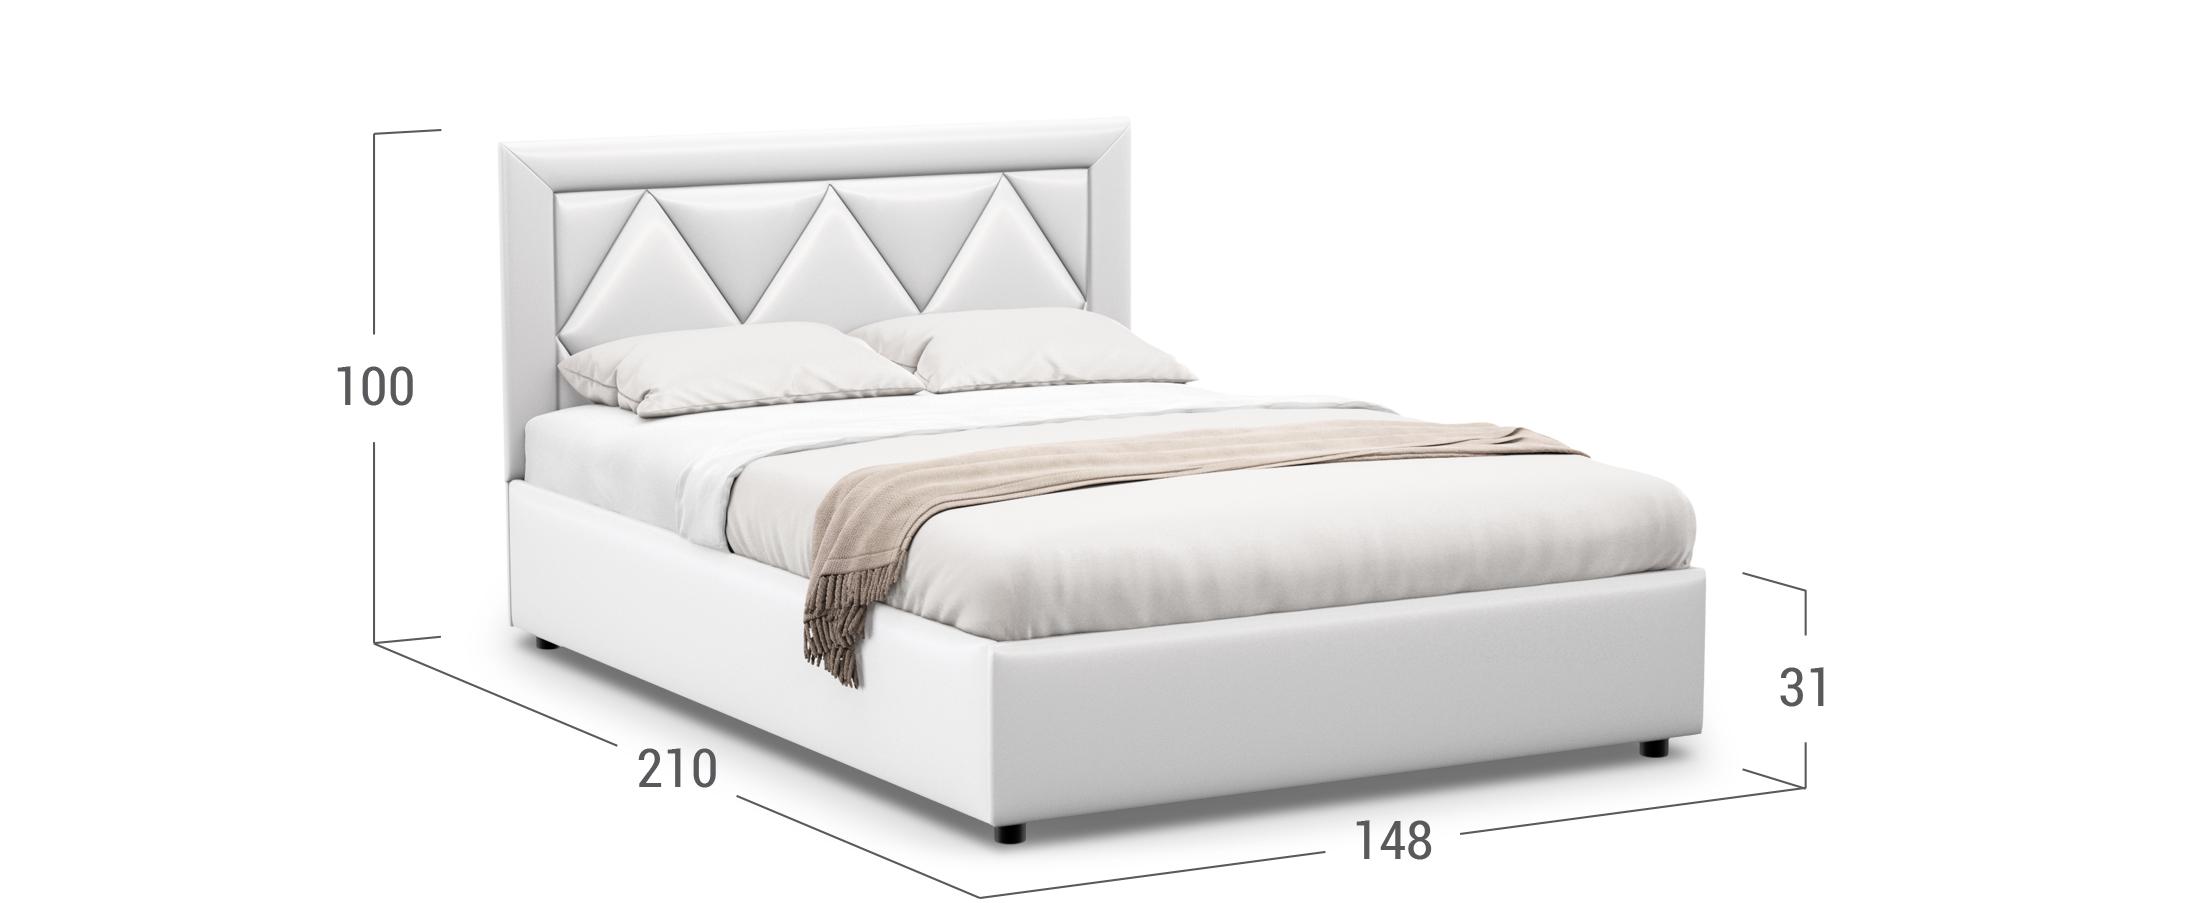 Кровать двуспальная Elaina 140х200 Модель 1223